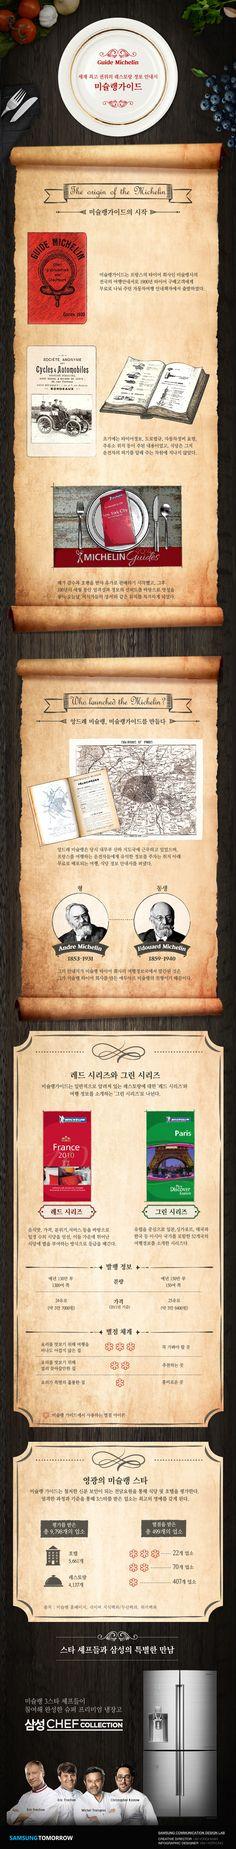 미슐랭 가이드 소개 인포그래픽